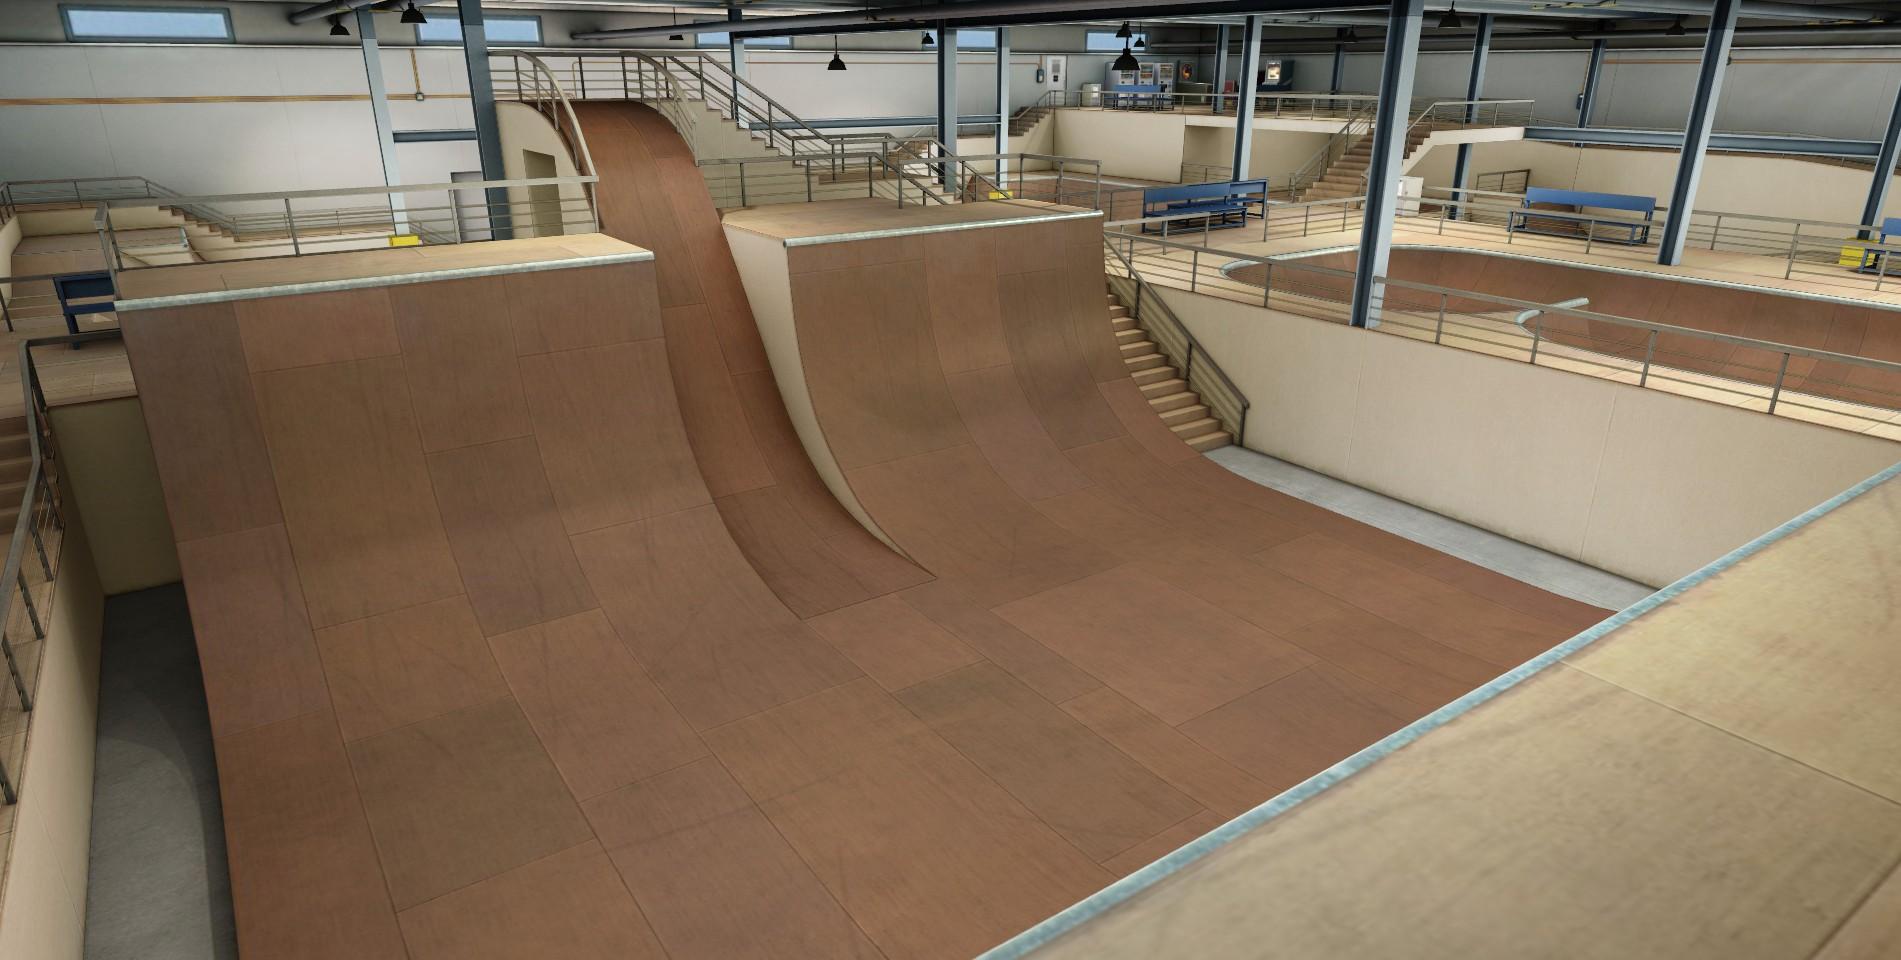 Skatepark06A